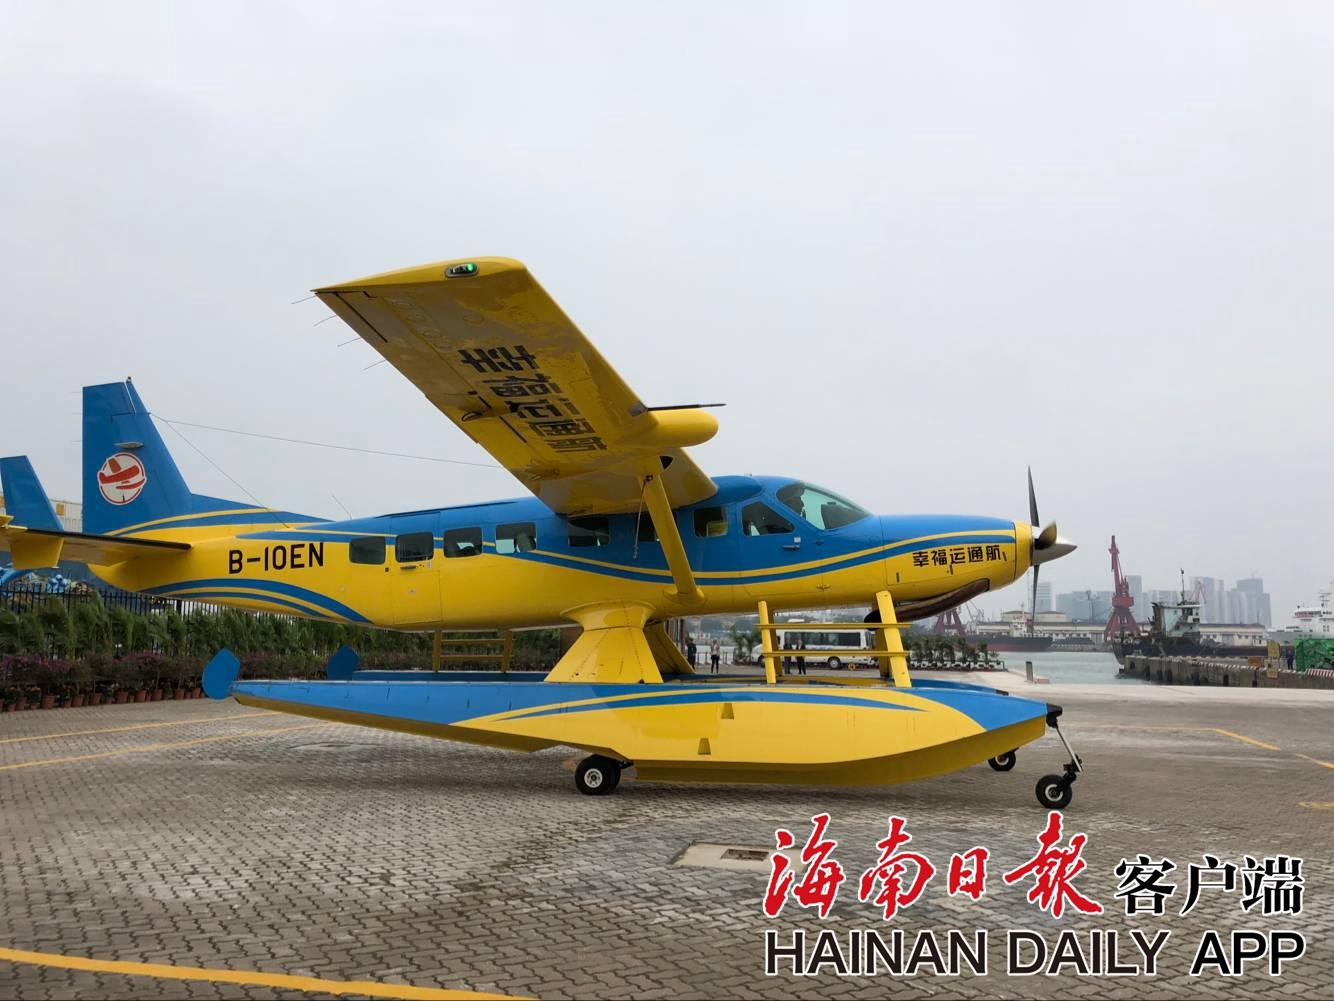 海口水上飞机开通试运营 两条观光线路供市民游客选择